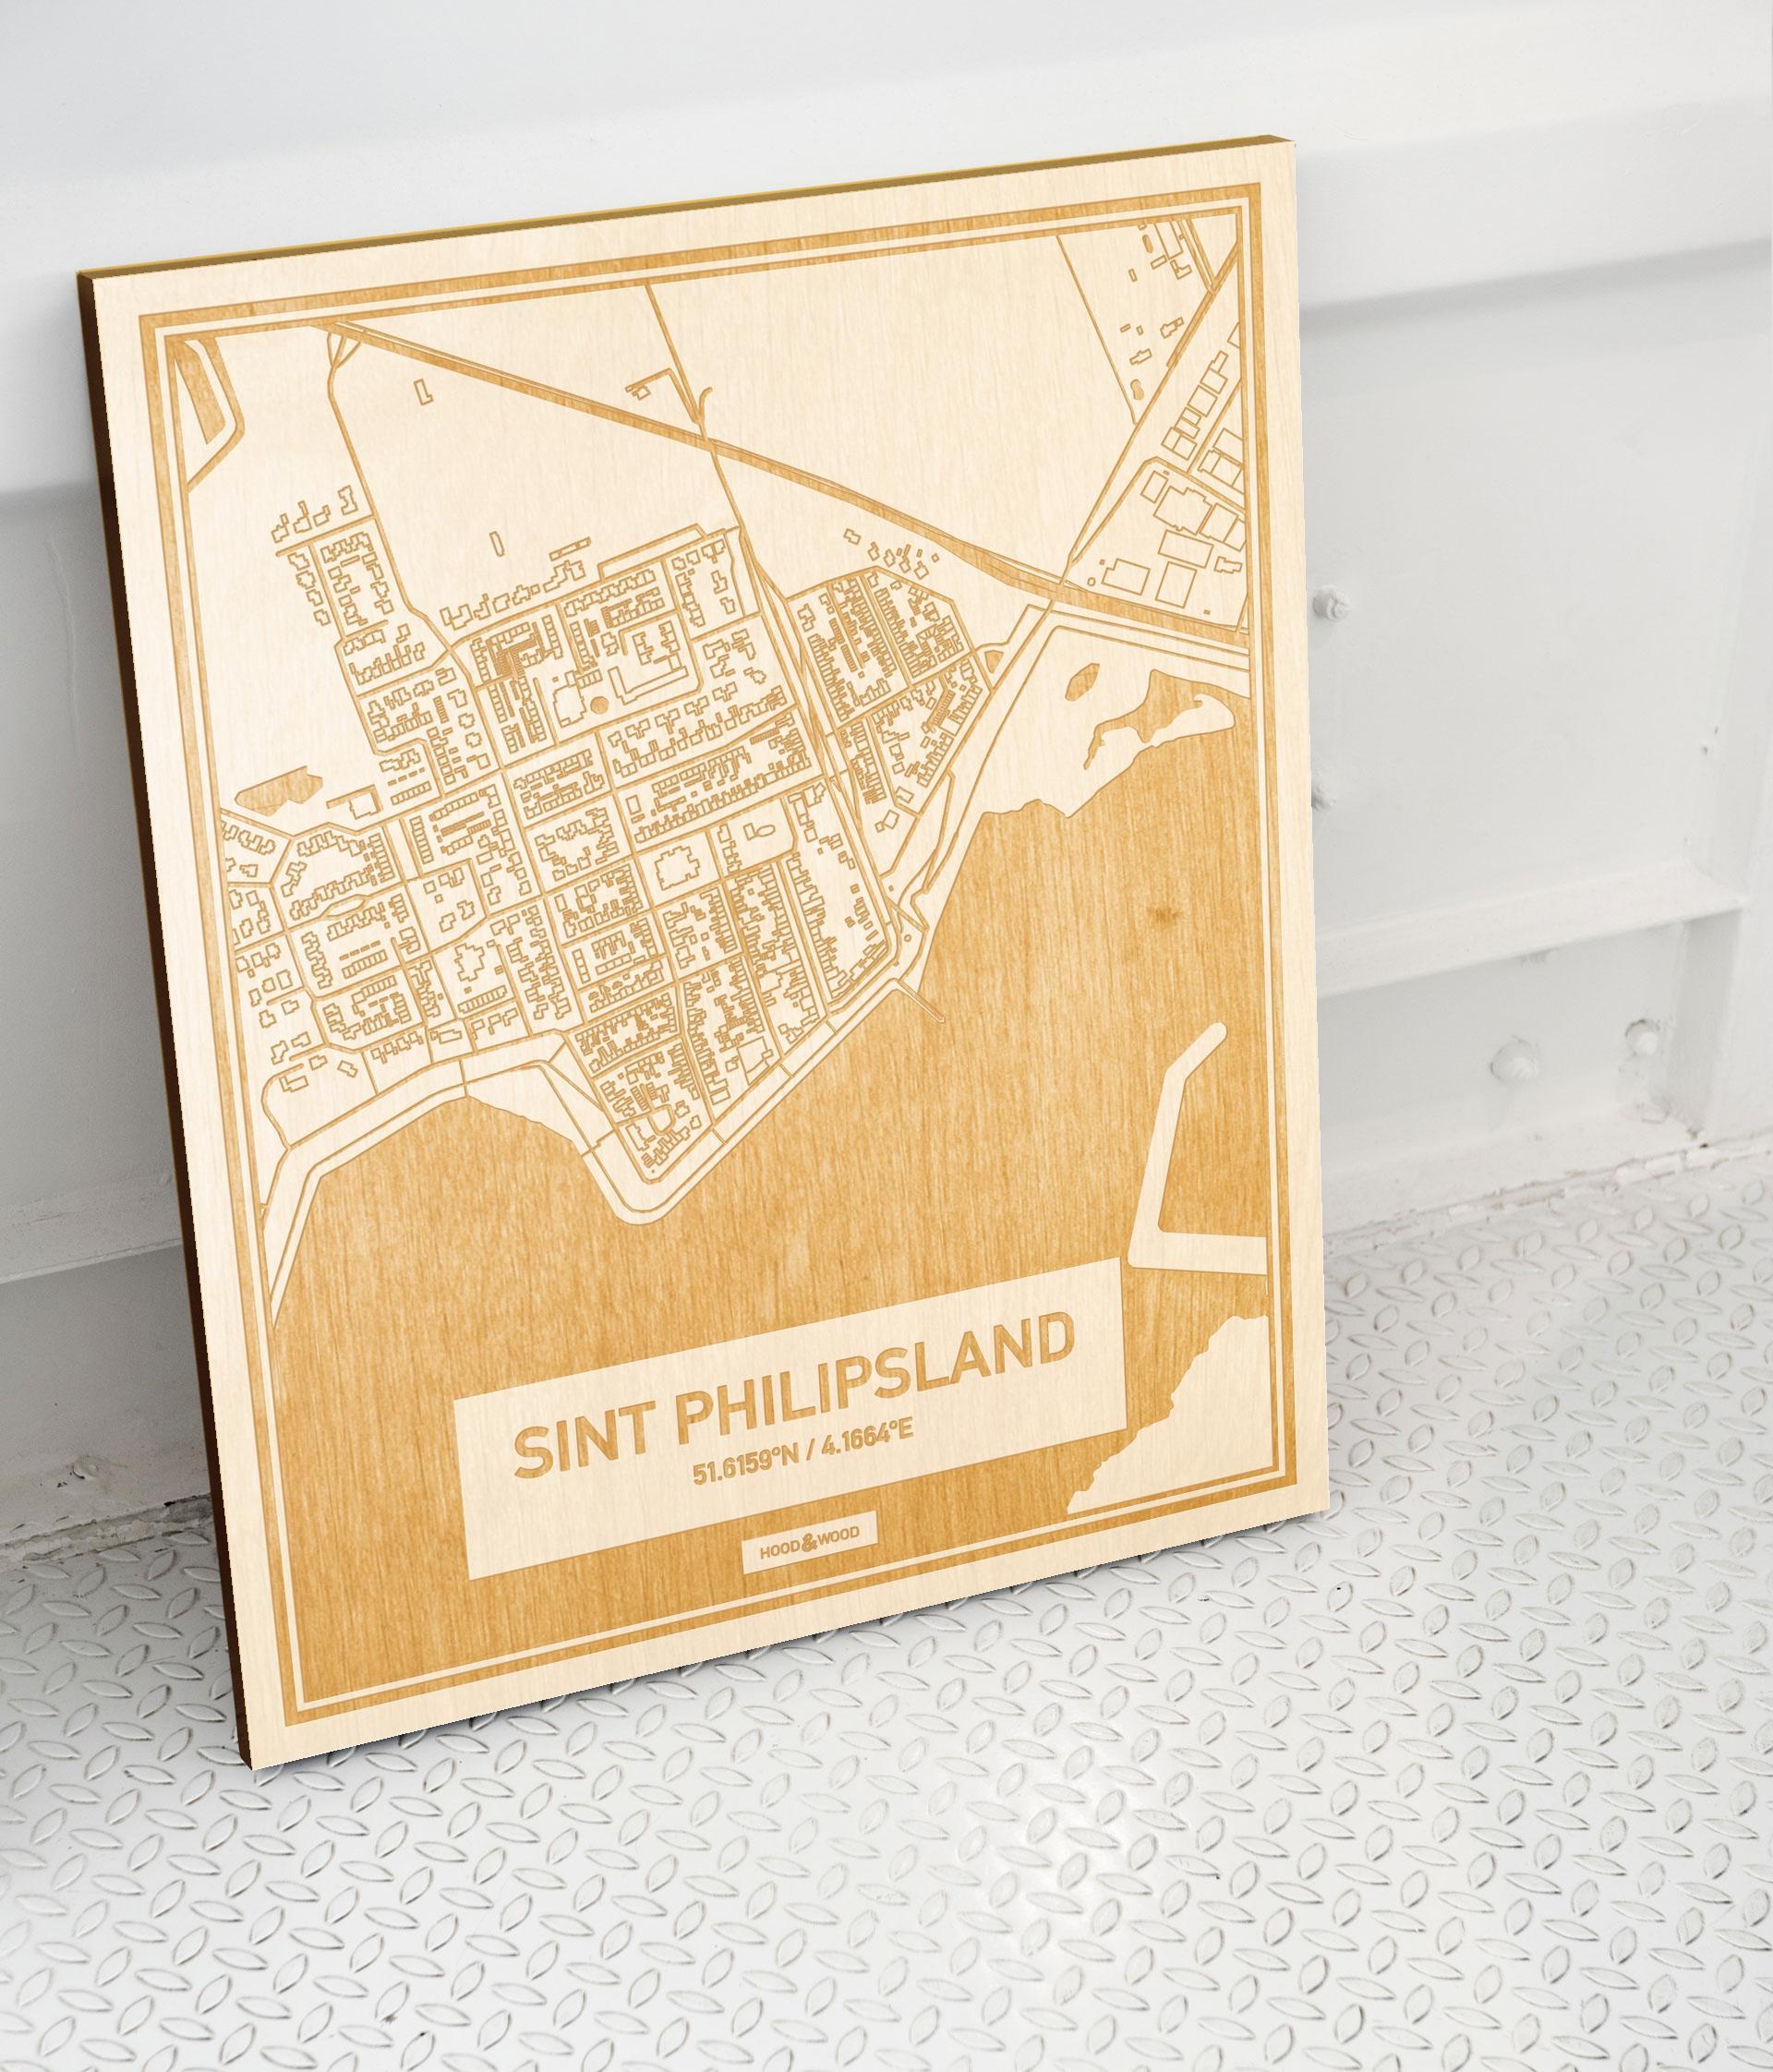 Plattegrond Sint Philipsland als prachtige houten wanddecoratie. Het warme hout contrasteert mooi met de witte muur.